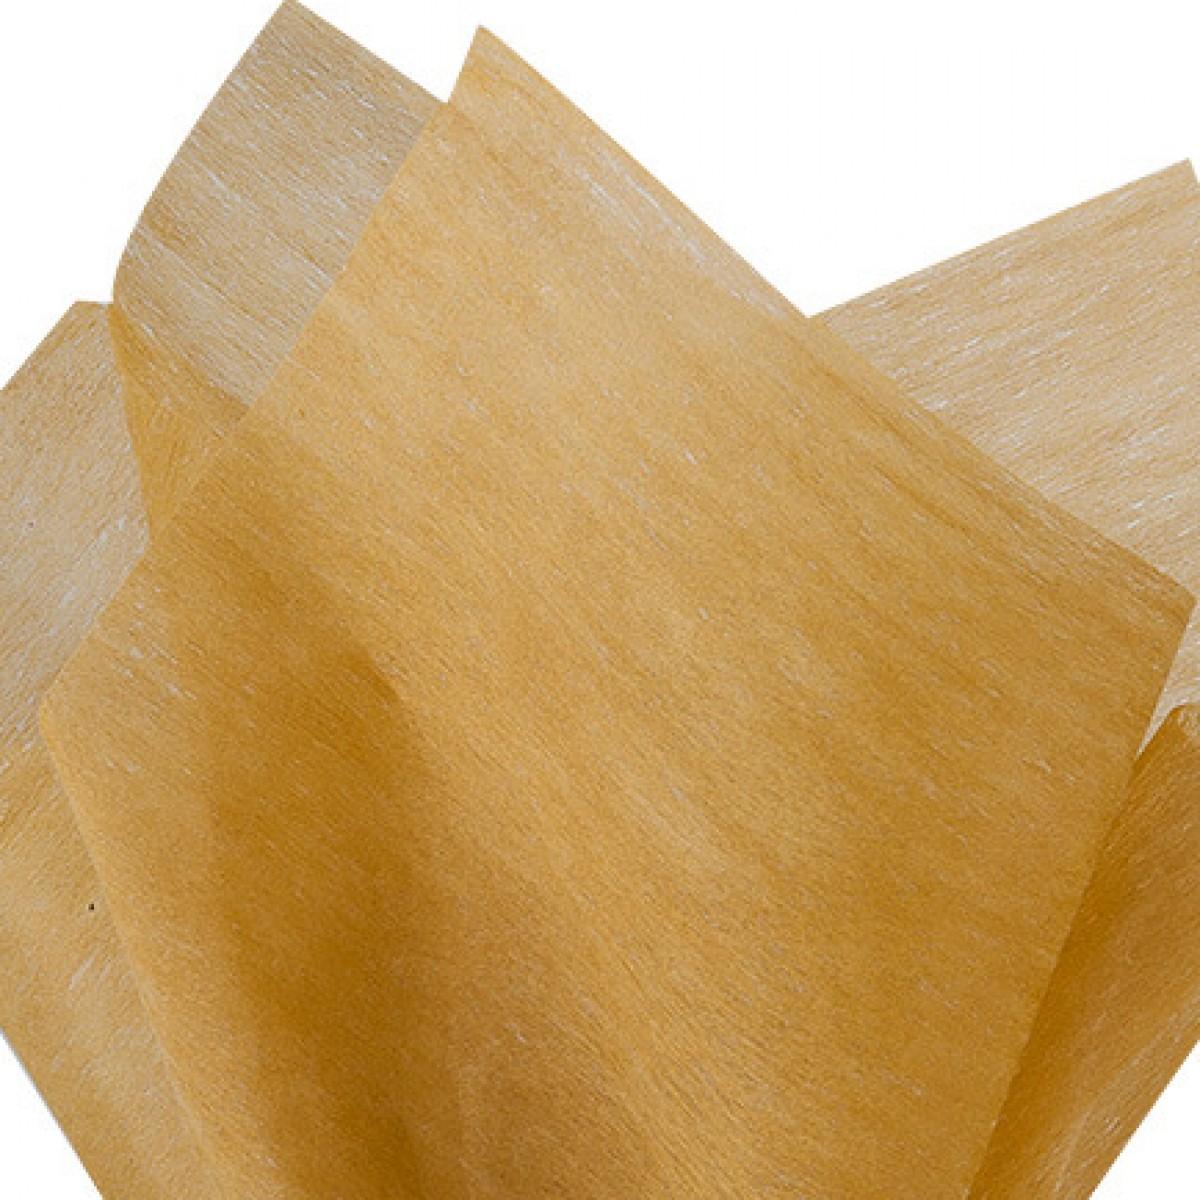 7525 Gold 75cmx60cm Tissue Floral Wraps - 100 Sheets